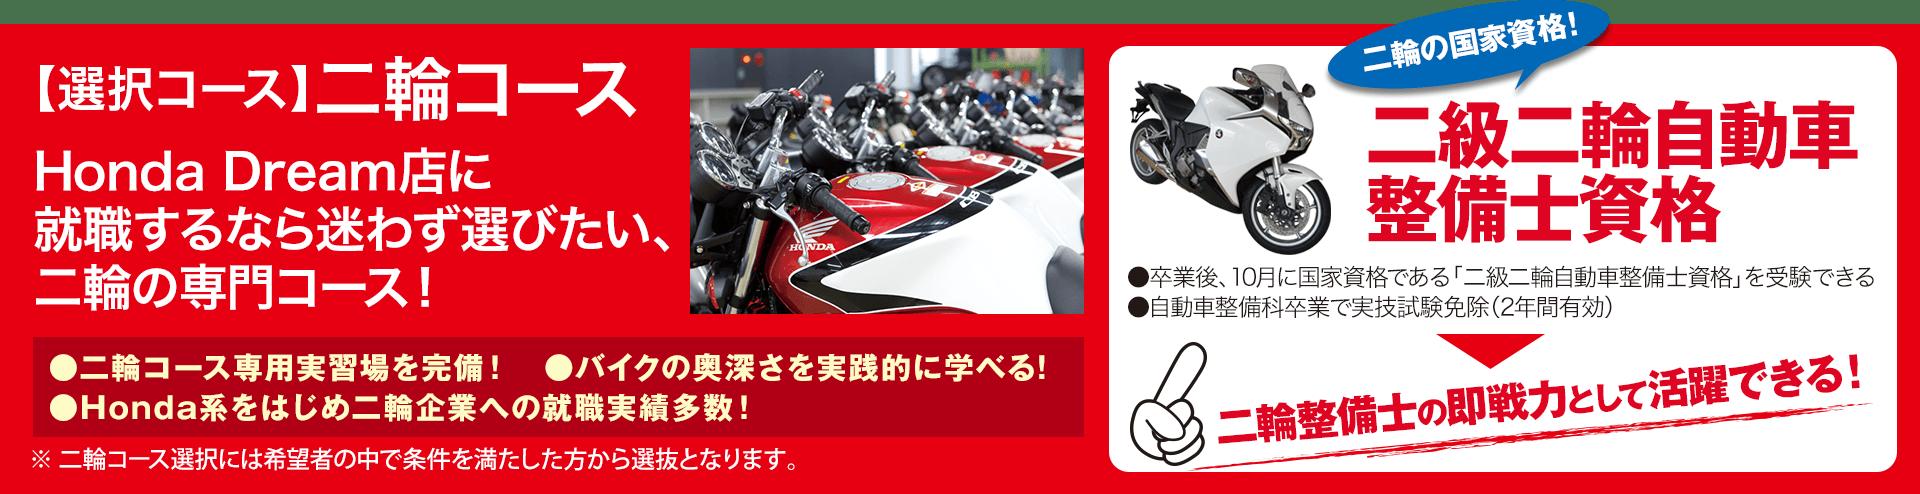 【選択コース】二輪コース